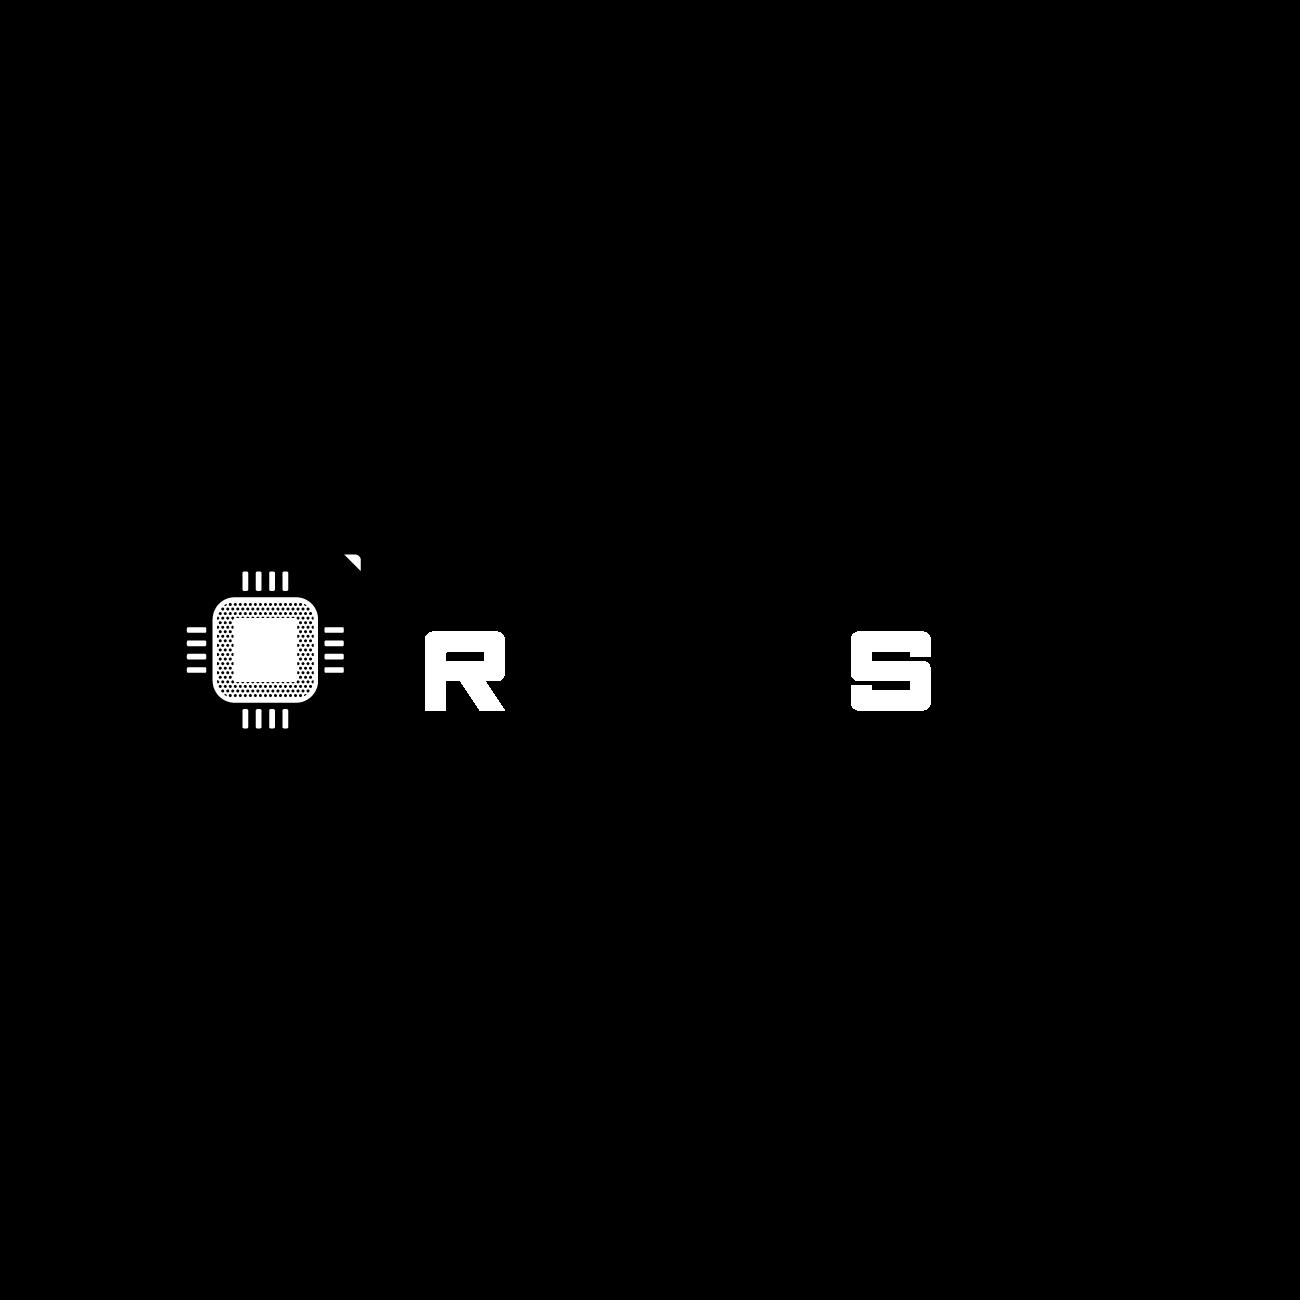 Render Spell - logotips uz tumša fona